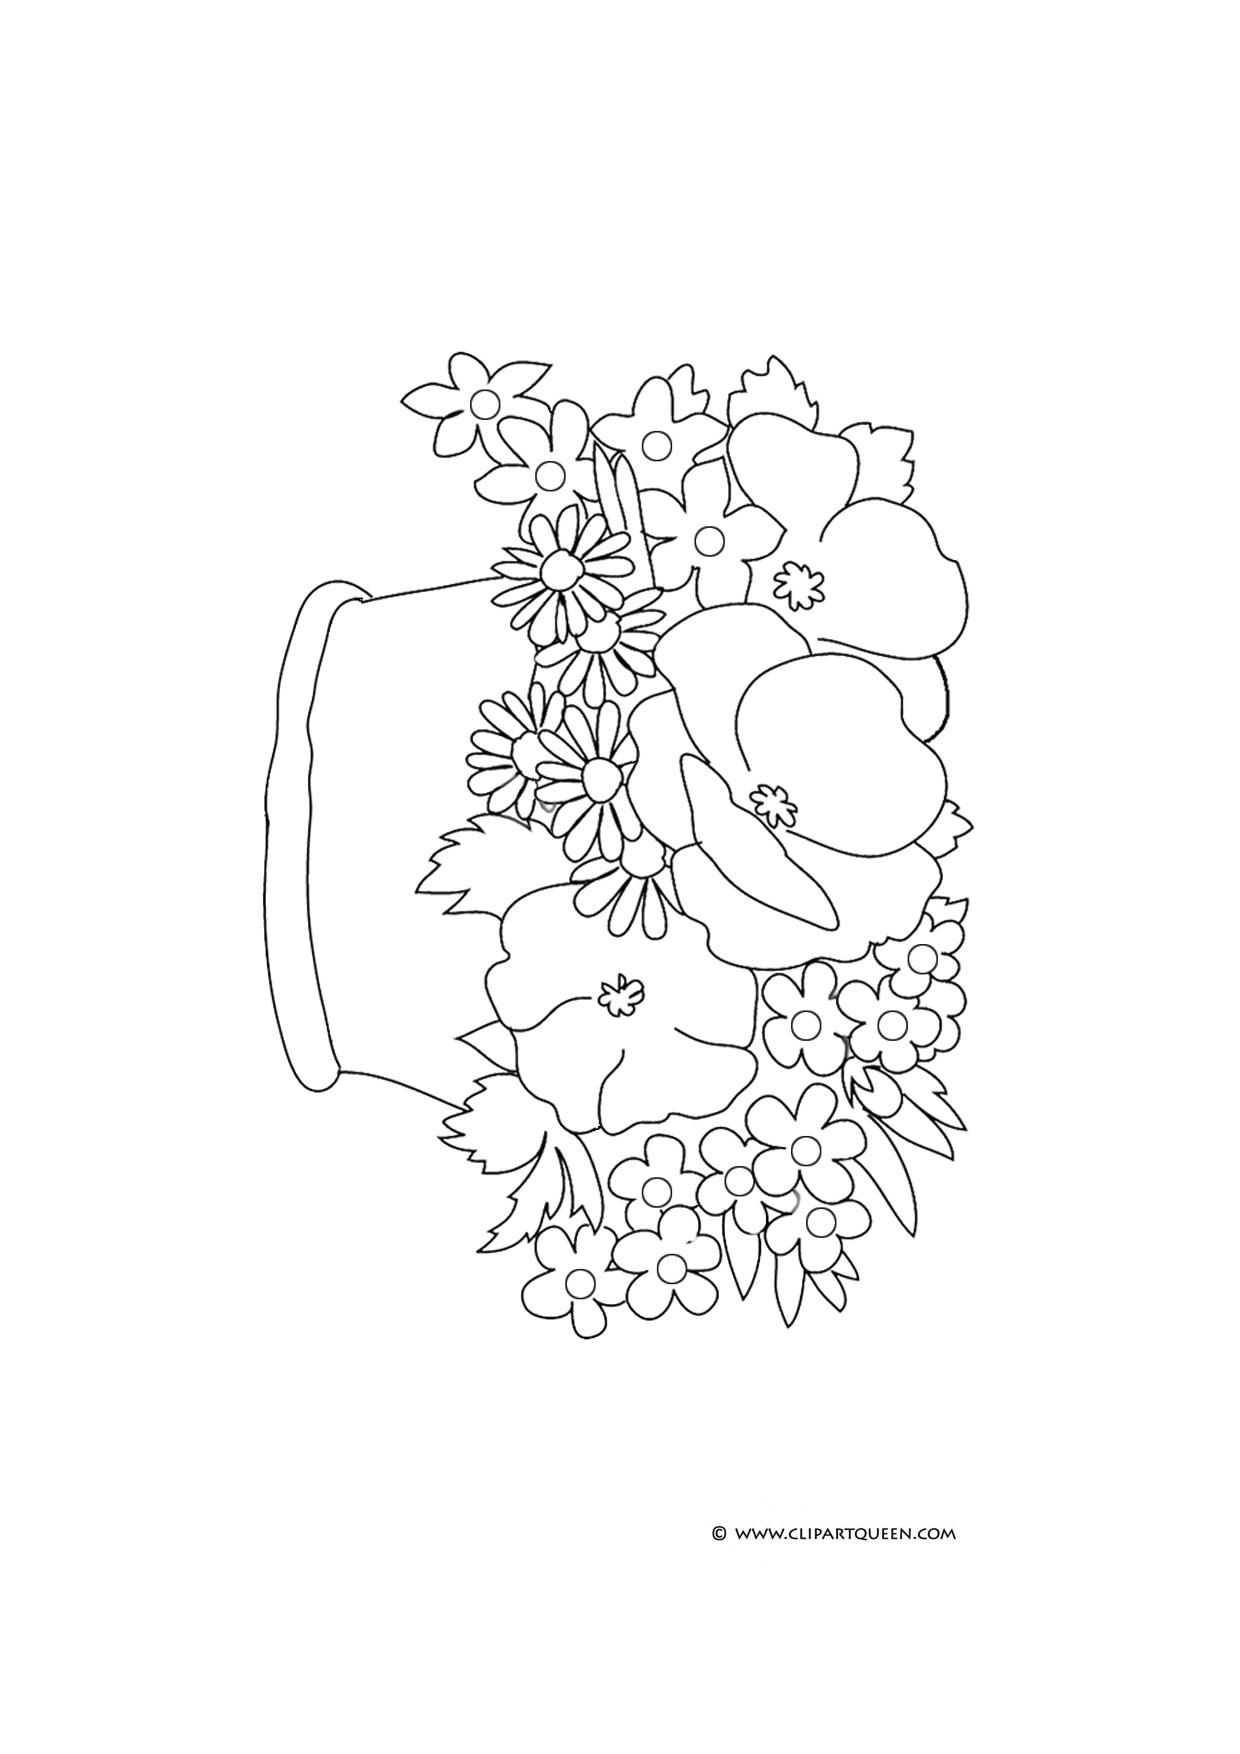 1240x1754 Basket Of Flower Drawings Easy Drawing Of Basket Of Flowers Free